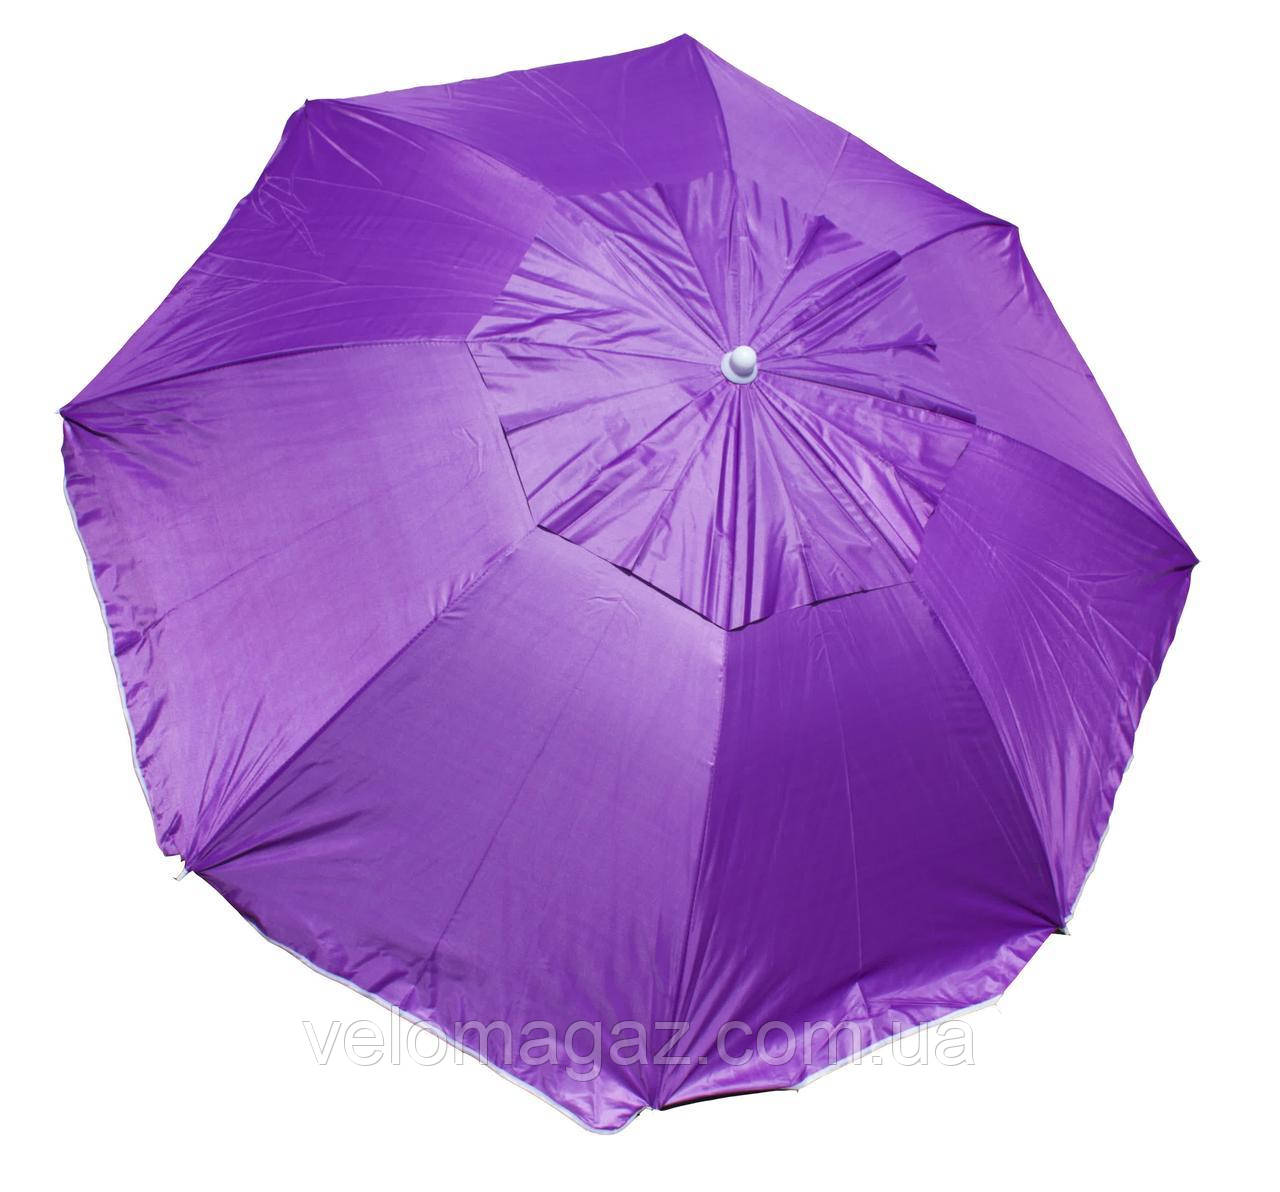 Пляжный зонт 1,6 м с наклоном, воздушный клапан, чехол, фиолетовый